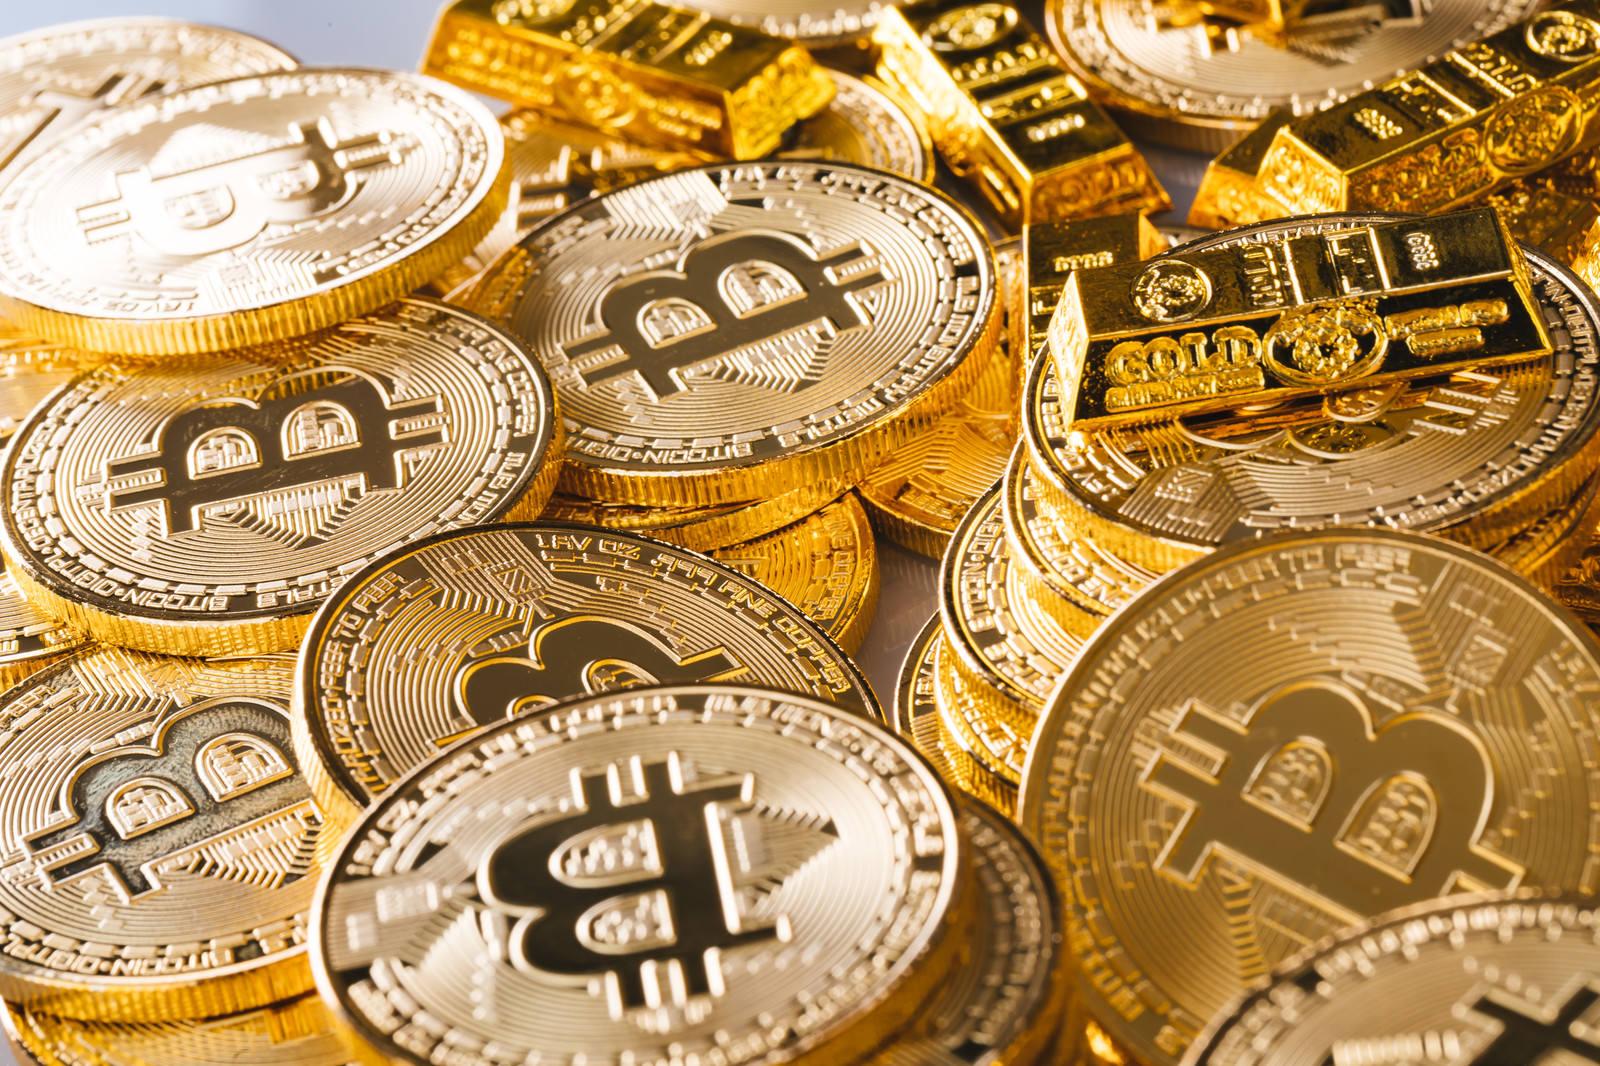 「BitcoinGold(ビットコインゴールド)」の写真